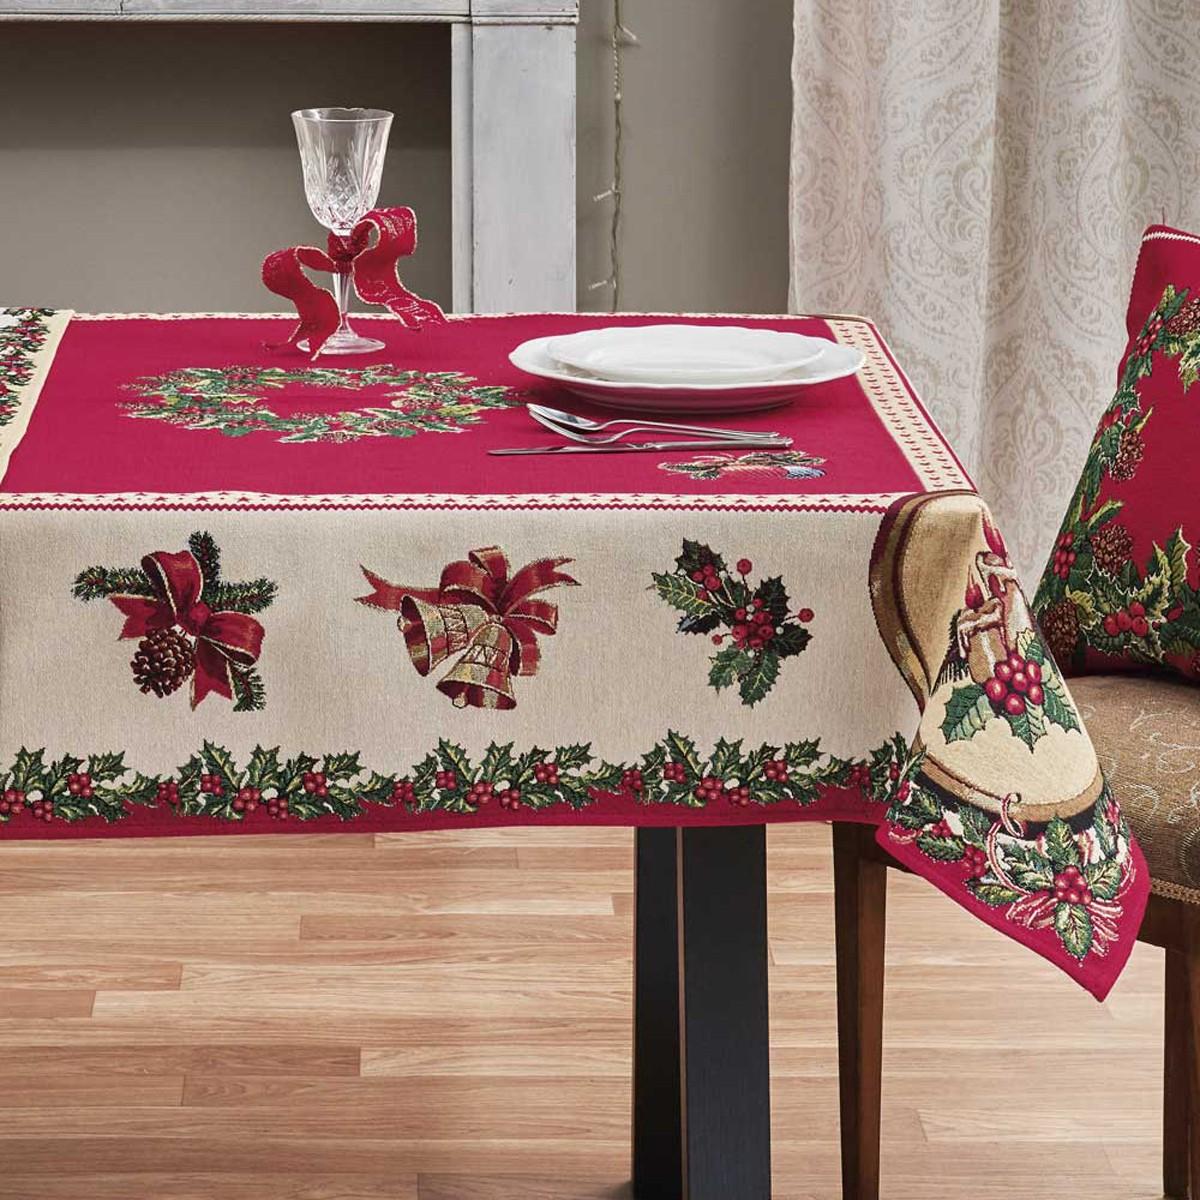 Χριστουγεννιάτικο Τραπεζομάντηλο (135×215) Kentia Made Holly 17